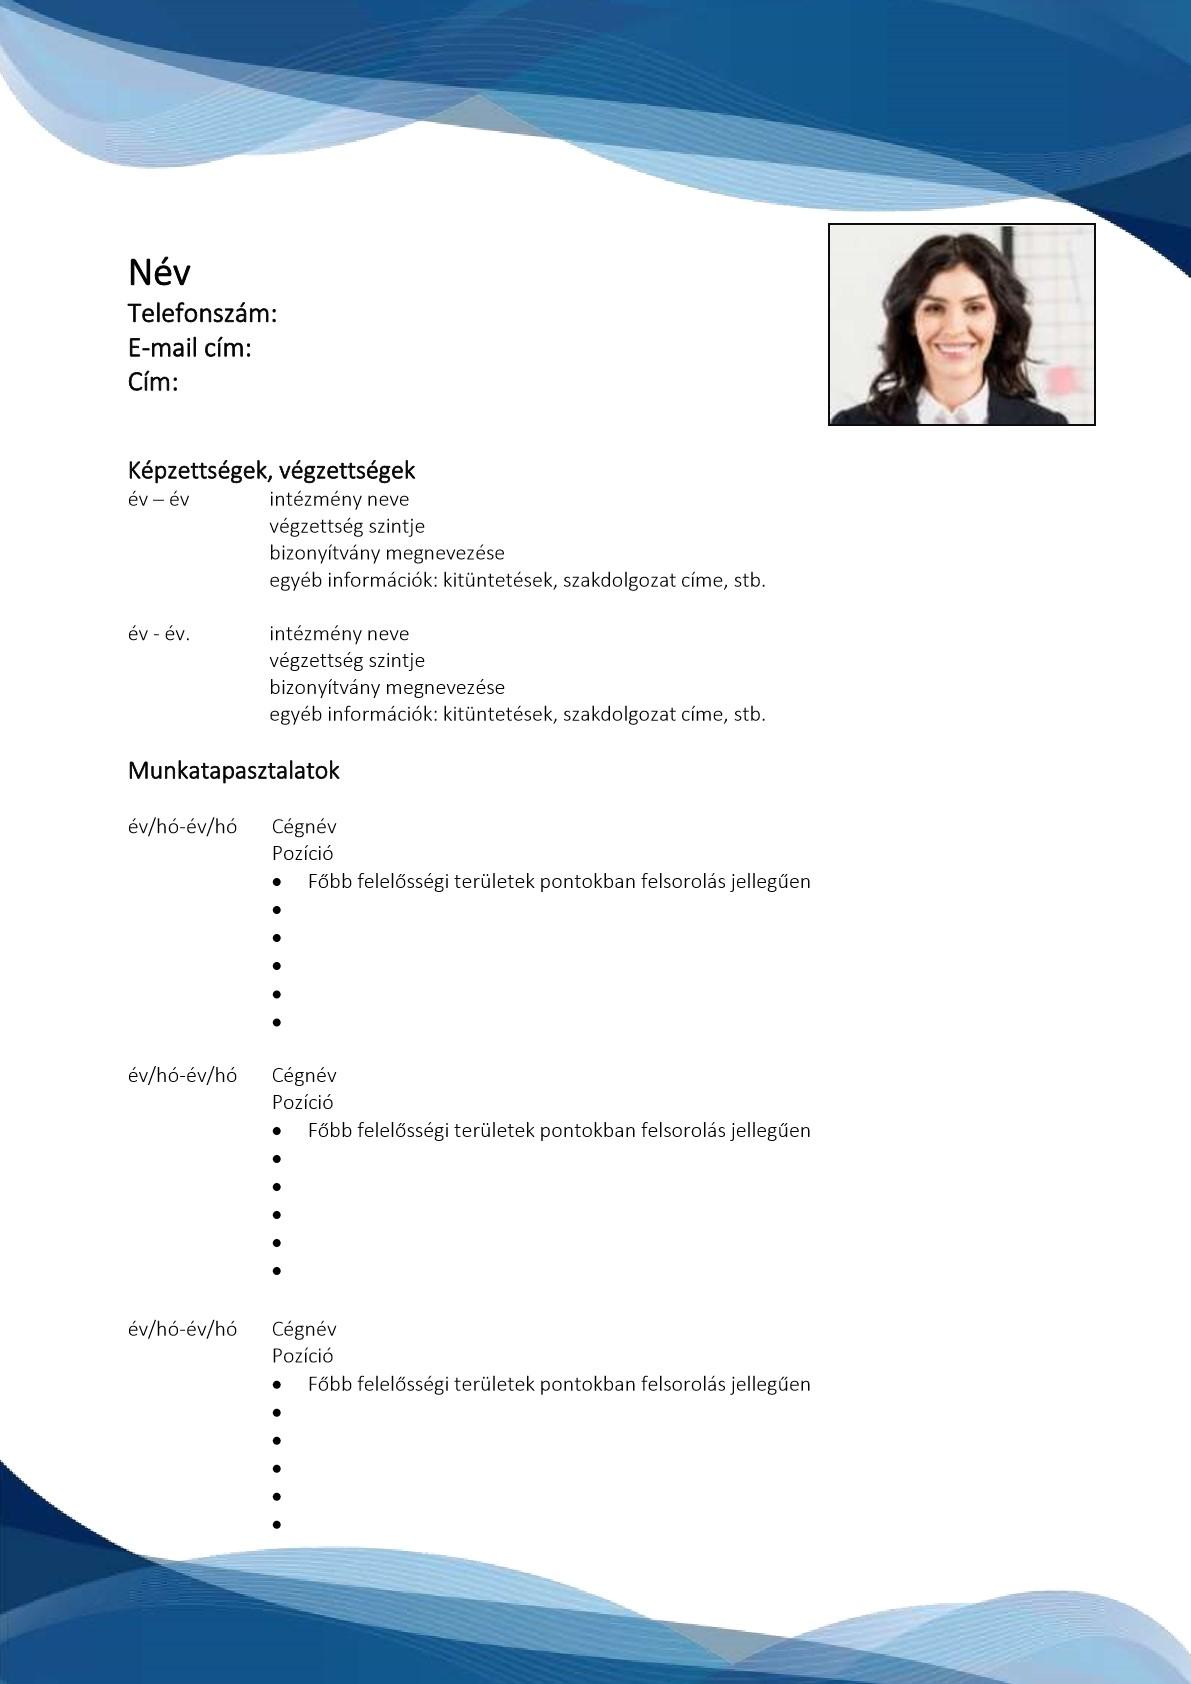 CV minták 1